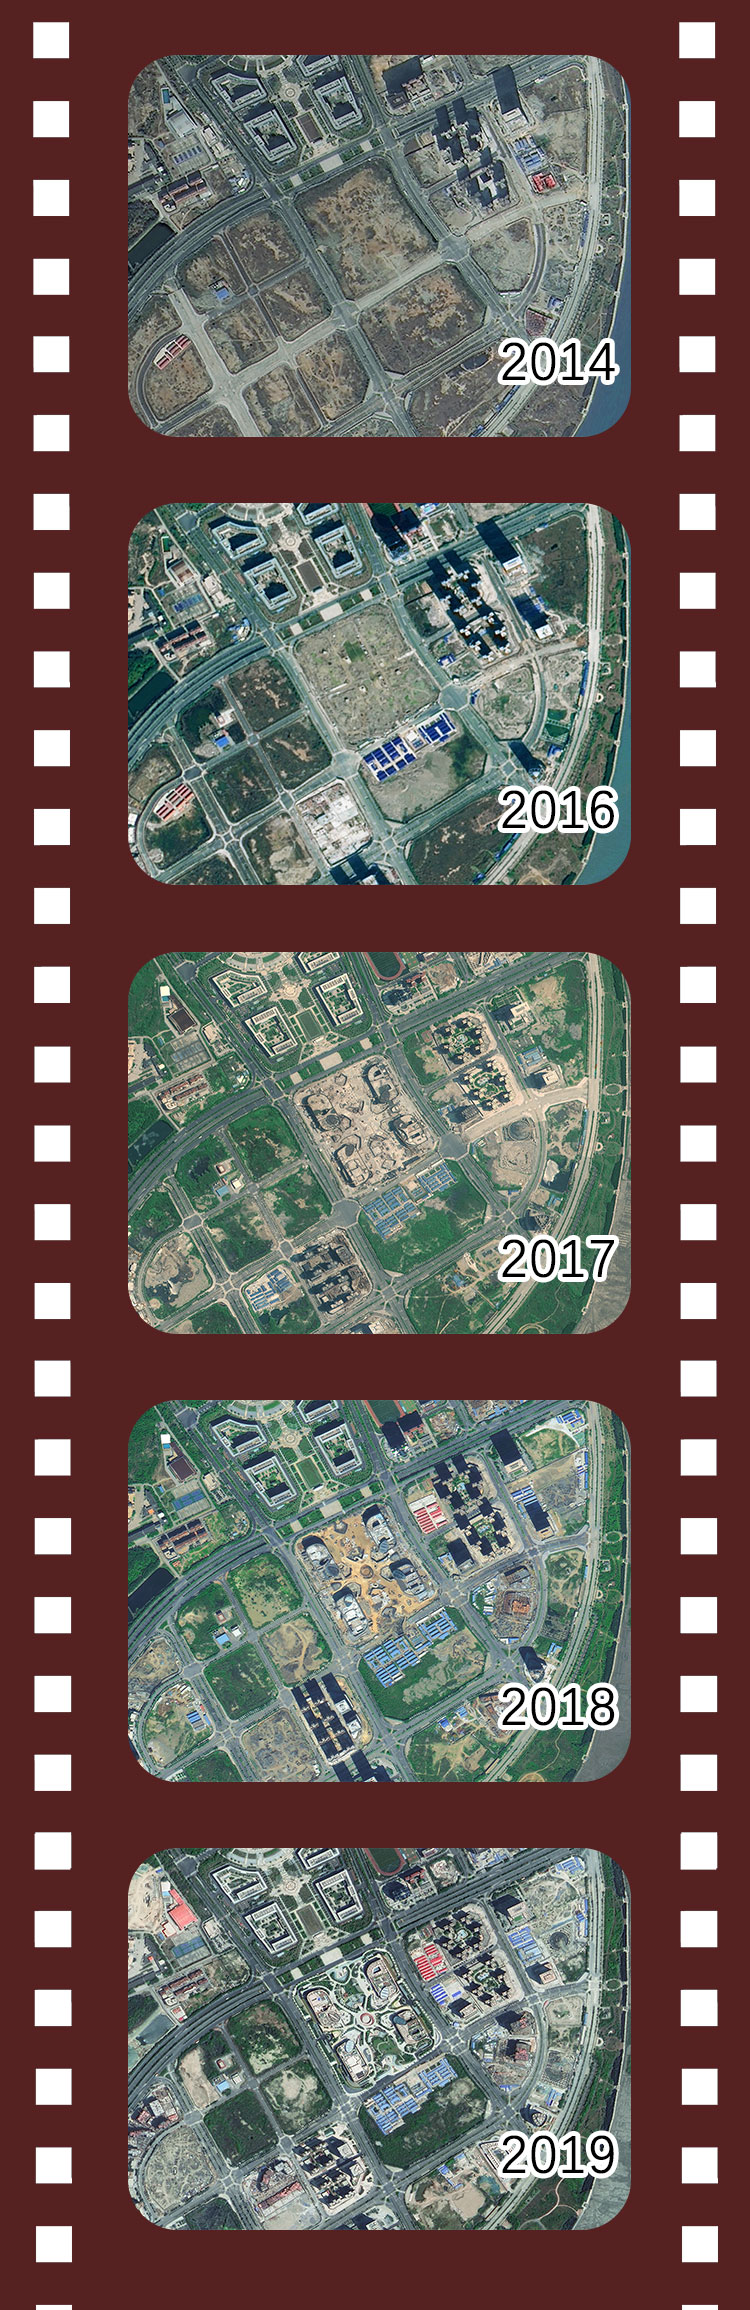 泉州市公共文化中心变迁卫星图